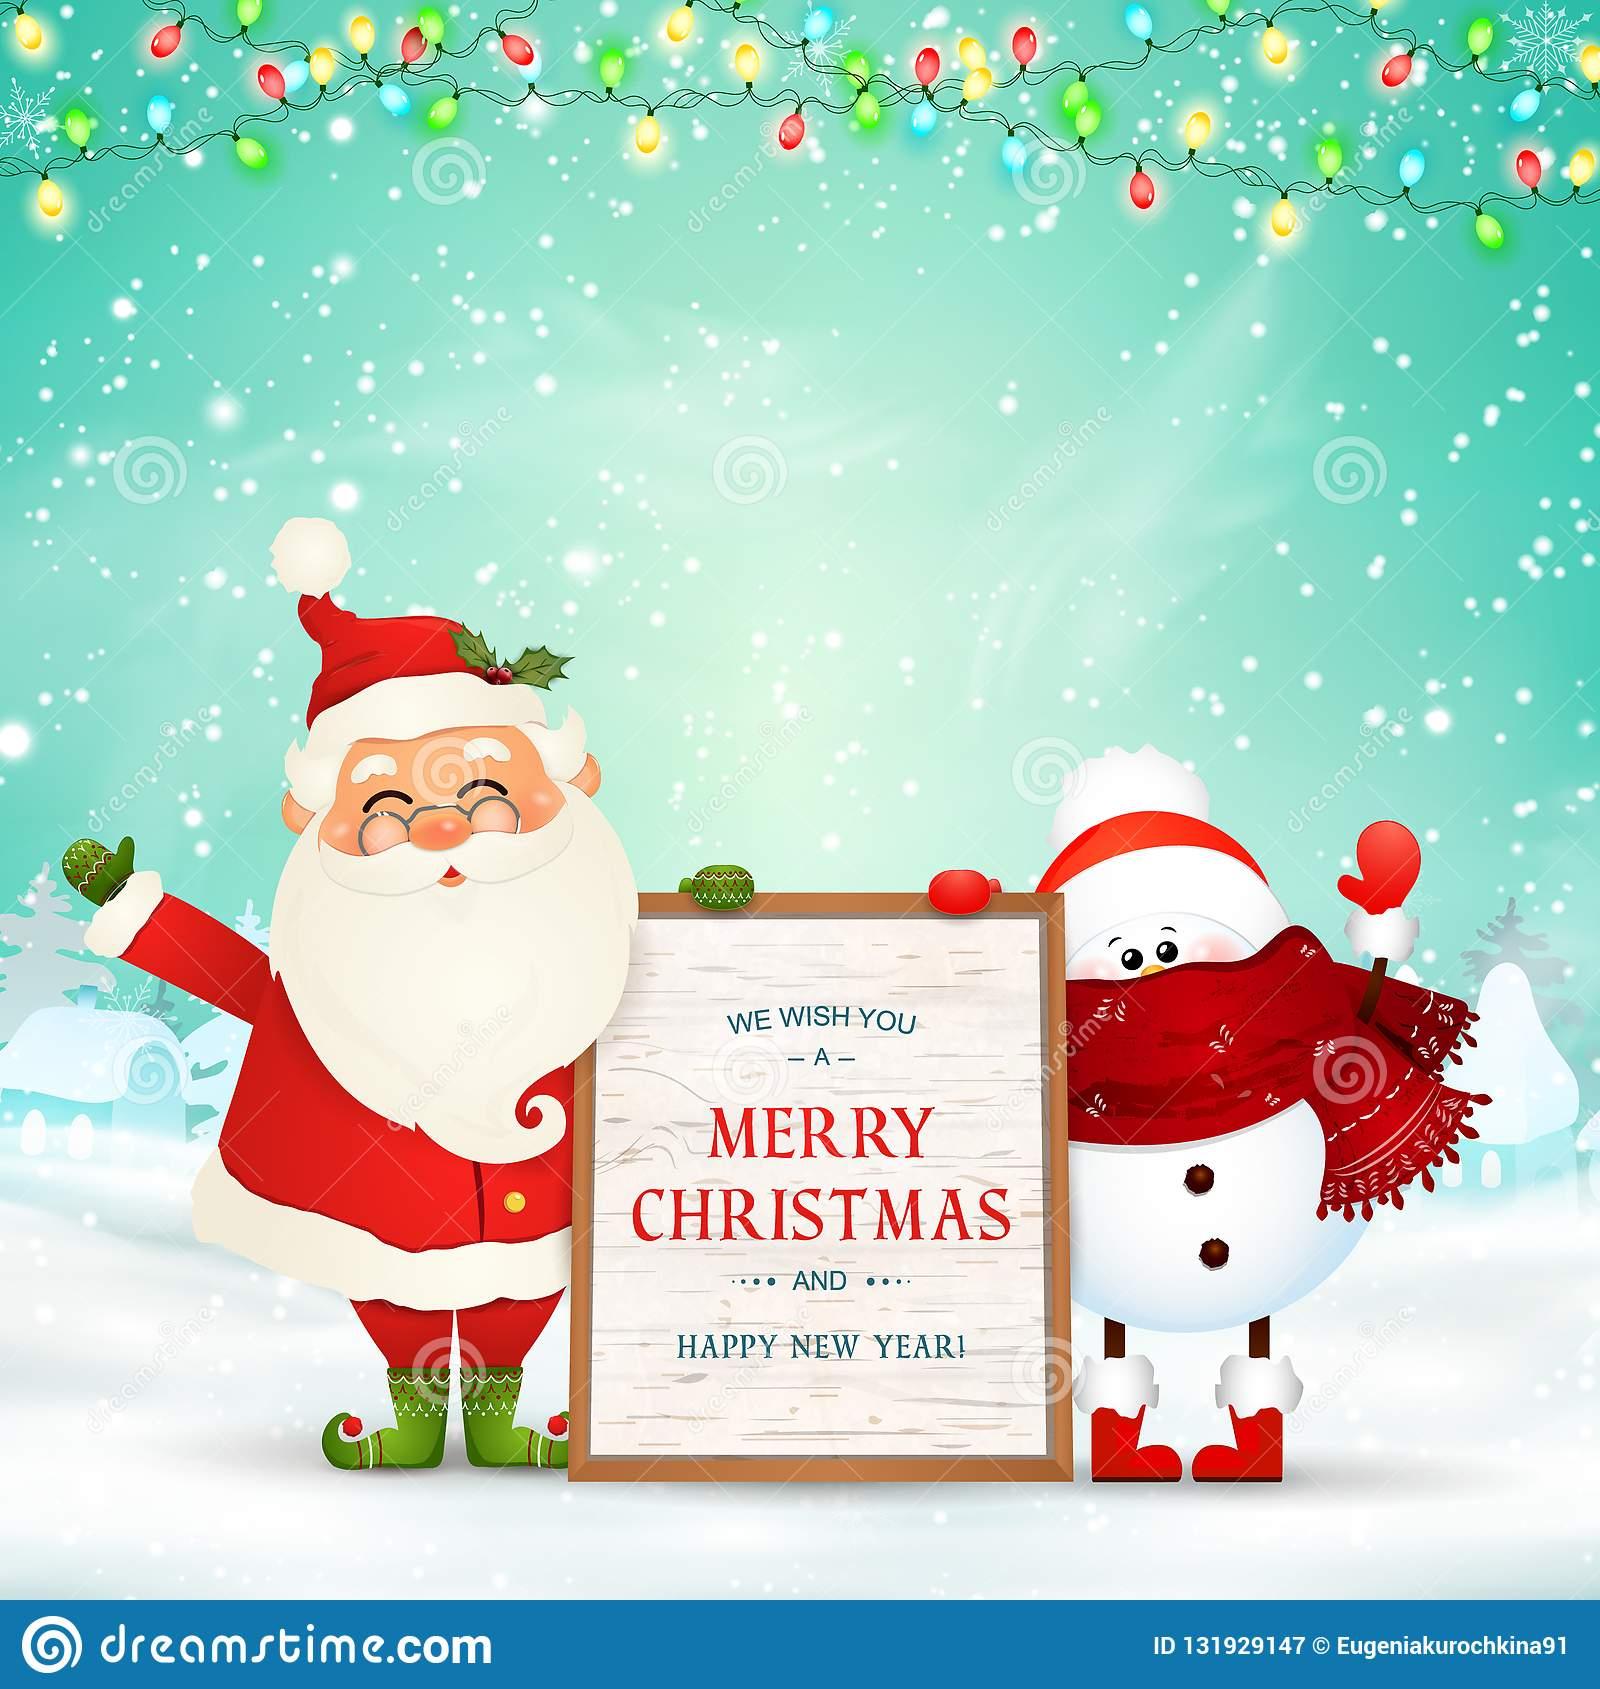 Frohe Weihnachten Glückliches Neues Jahr Lustige Santa Claus verwandt mit Weihnachten Bilder Lustig